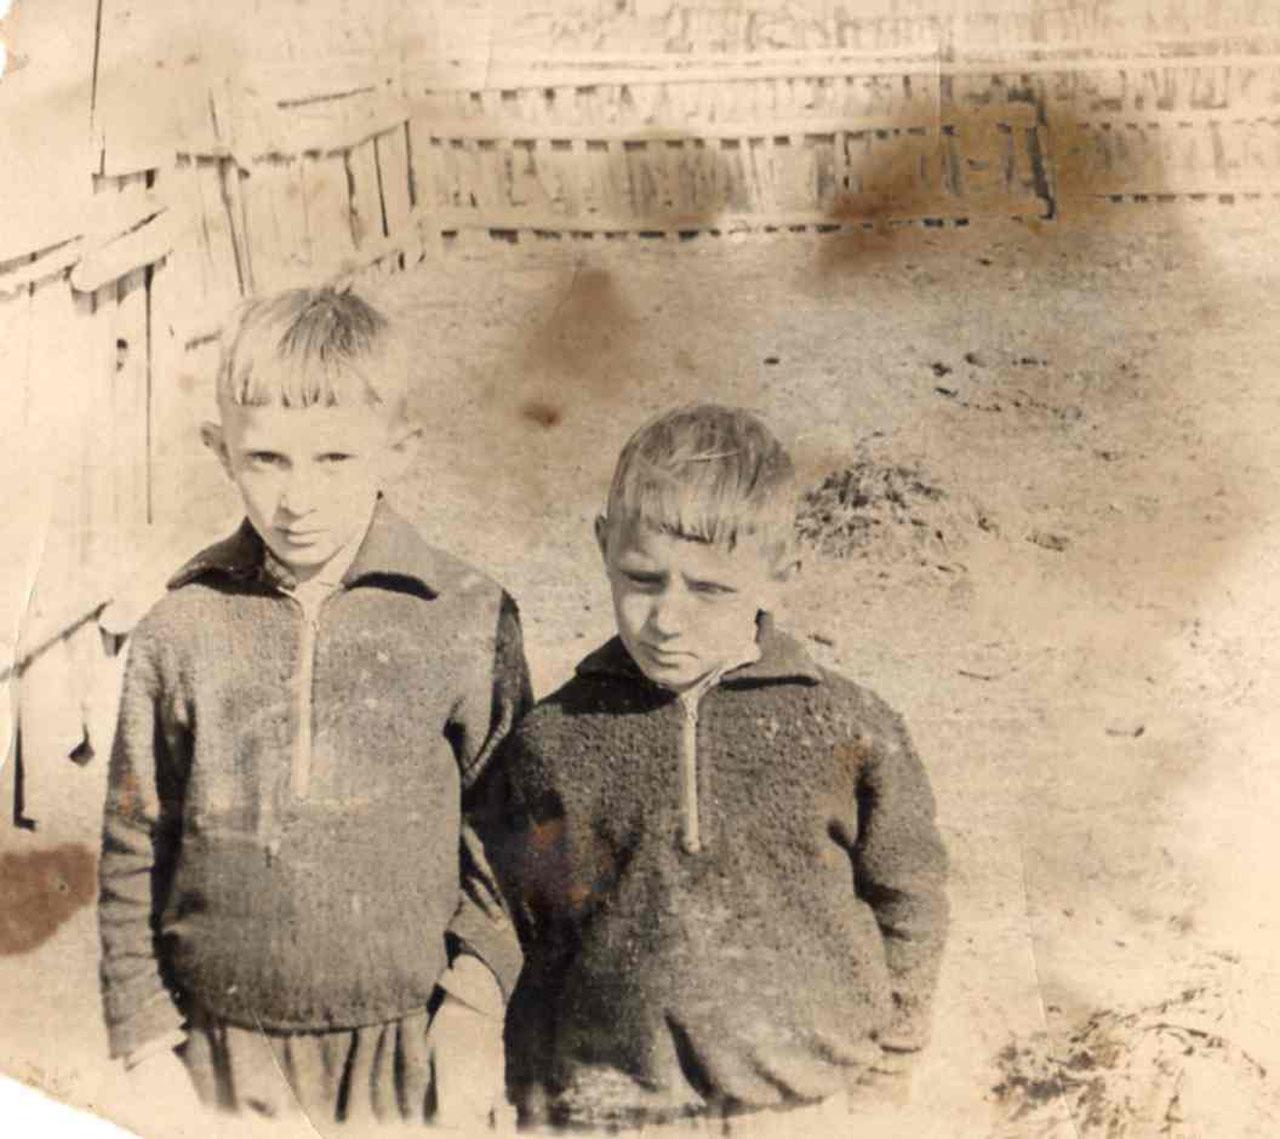 Владимир и Николай Цветковы, с. Таскан, середина 60-х годов.